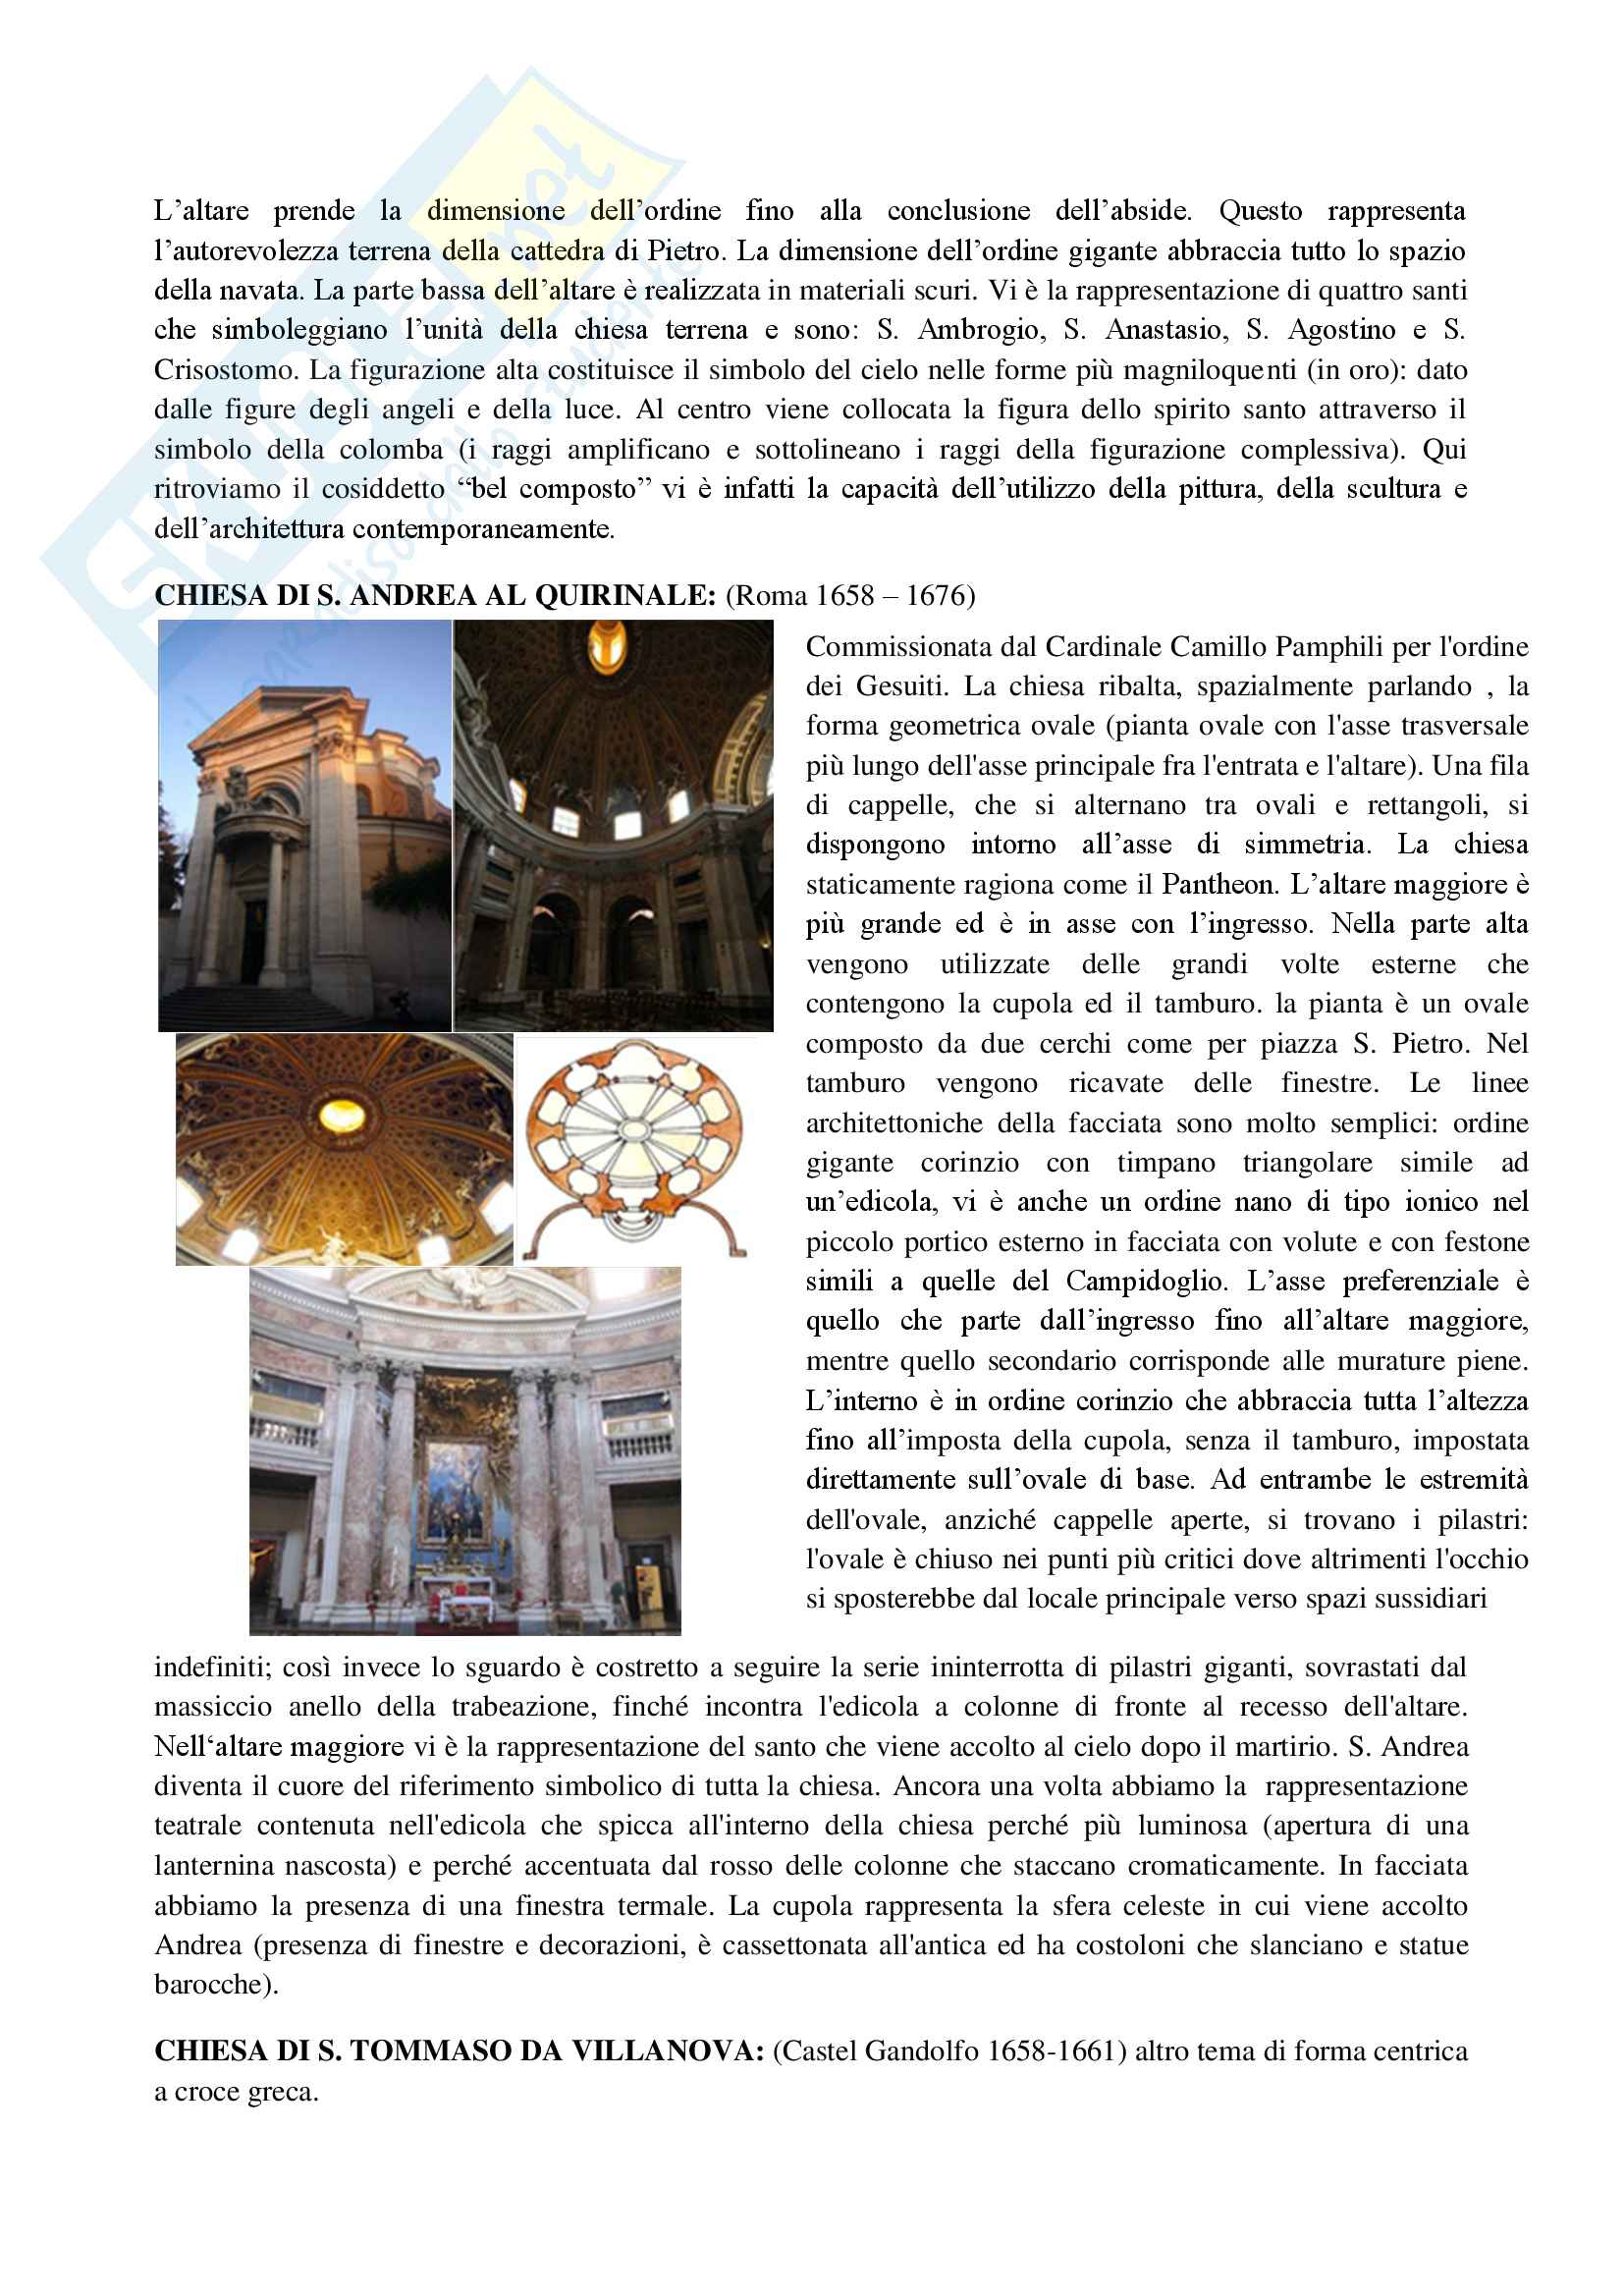 3 Architettura Barocca tra 600 e 700 Pag. 6